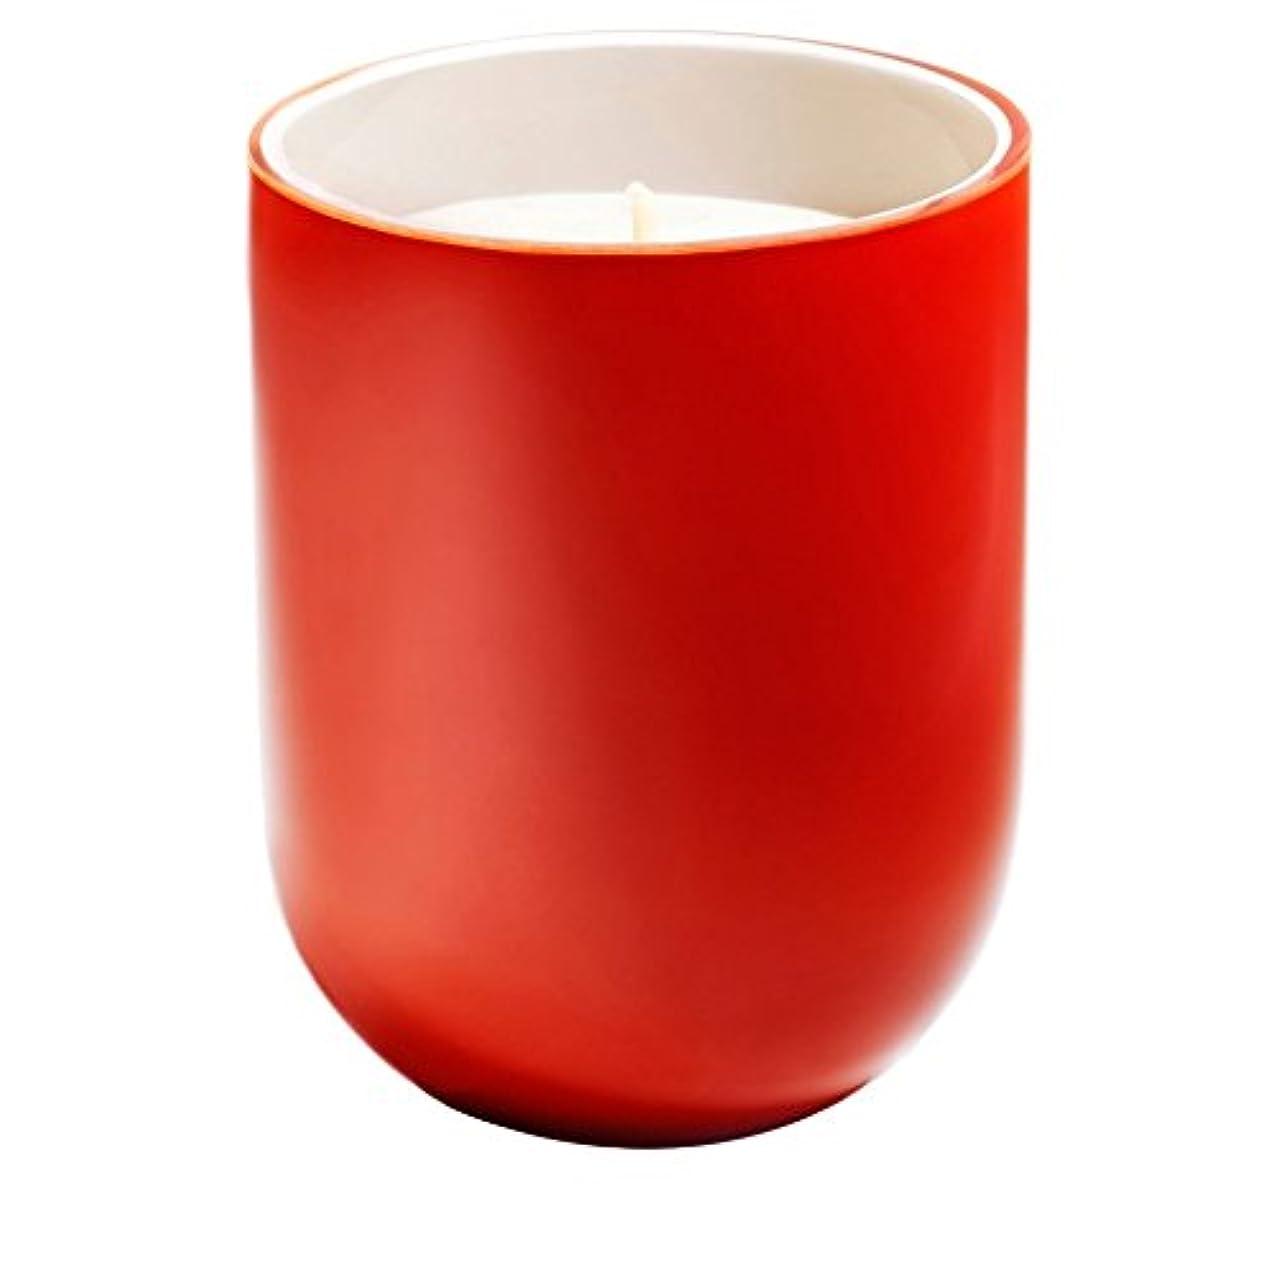 擬人食欲意志に反するフレデリック?マル国連ガーデニア?ラ?ニュイ香りのキャンドル x6 - Frederic Malle Un Gard?nia La Nuit Scented Candle (Pack of 6) [並行輸入品]